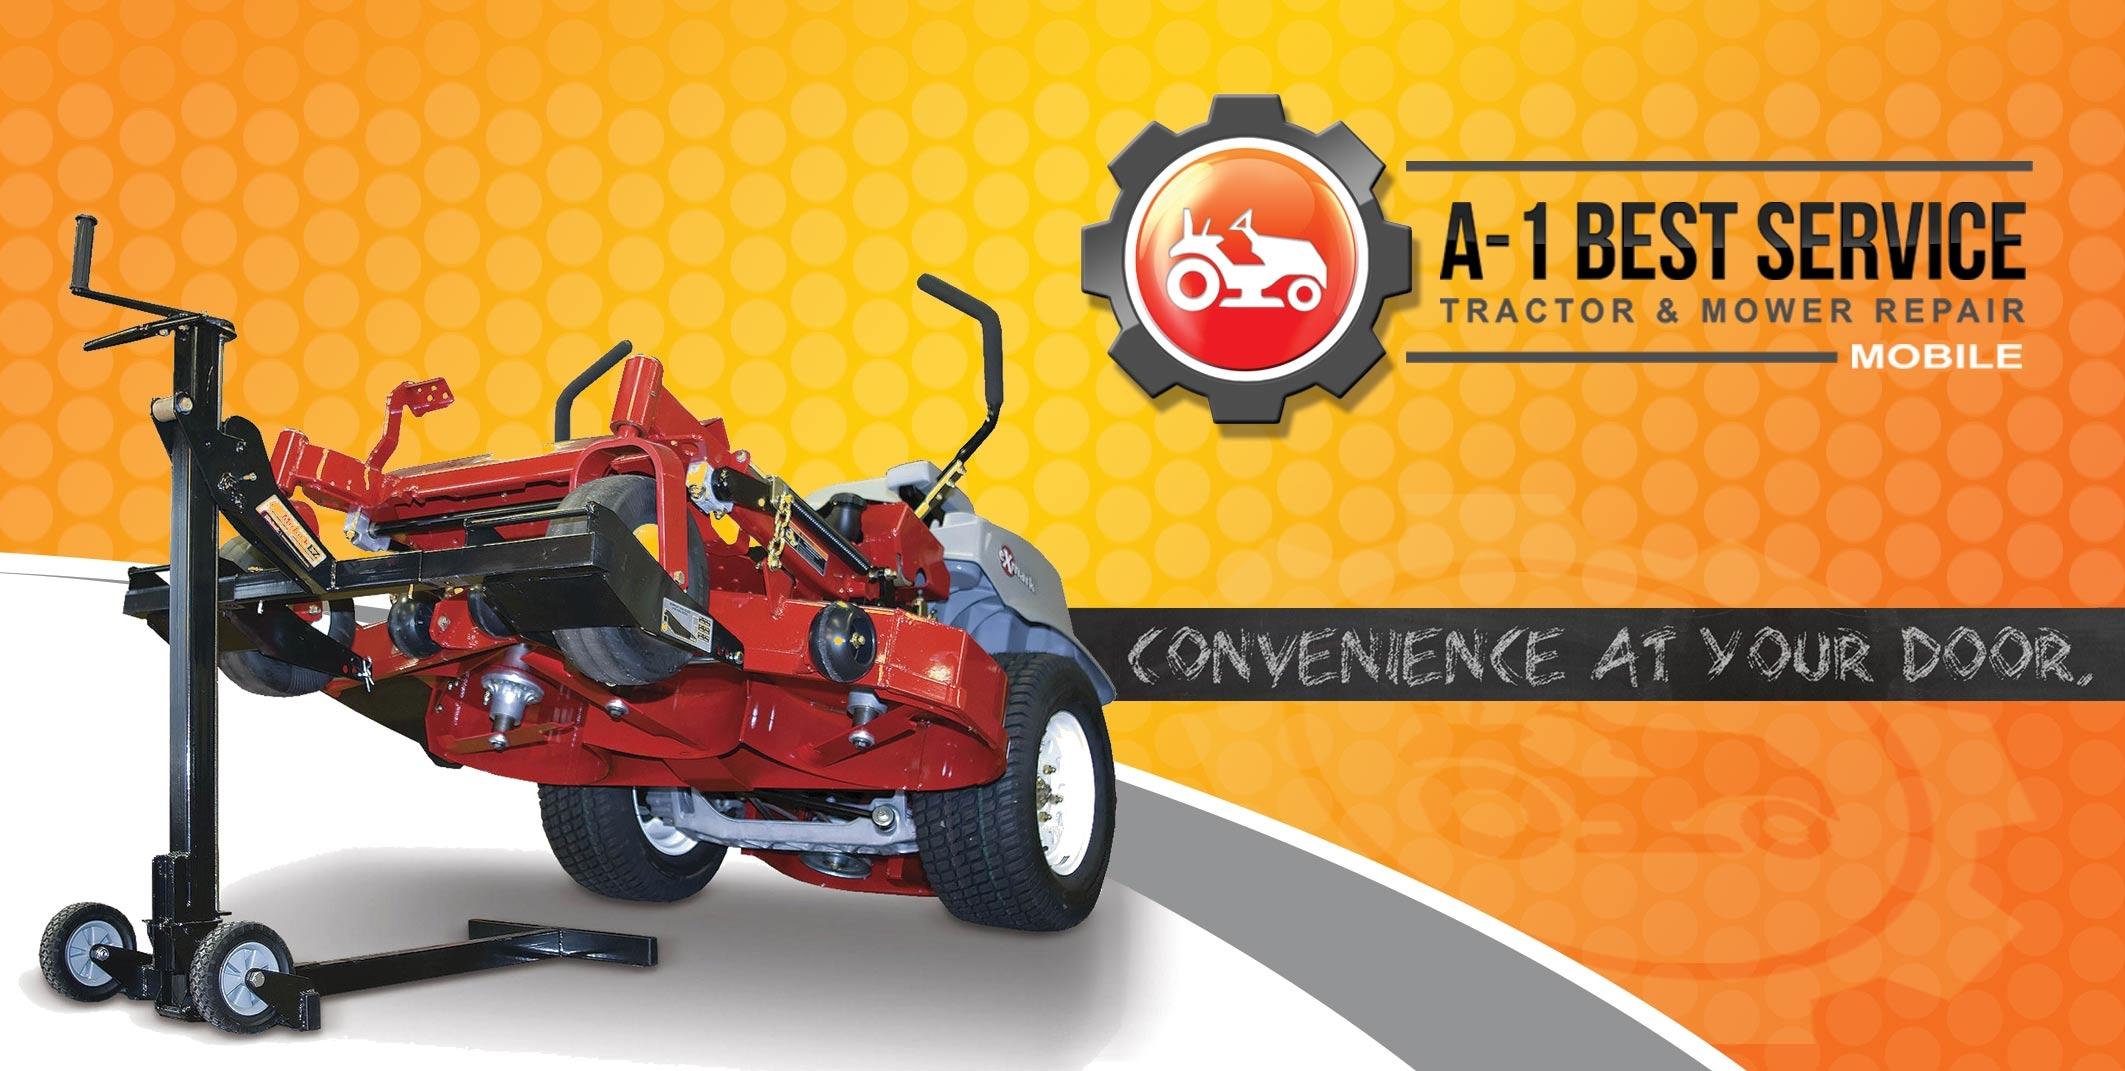 A-1 Best Service Mobile Tractor & Mower Repair - Lawn Mower Repair